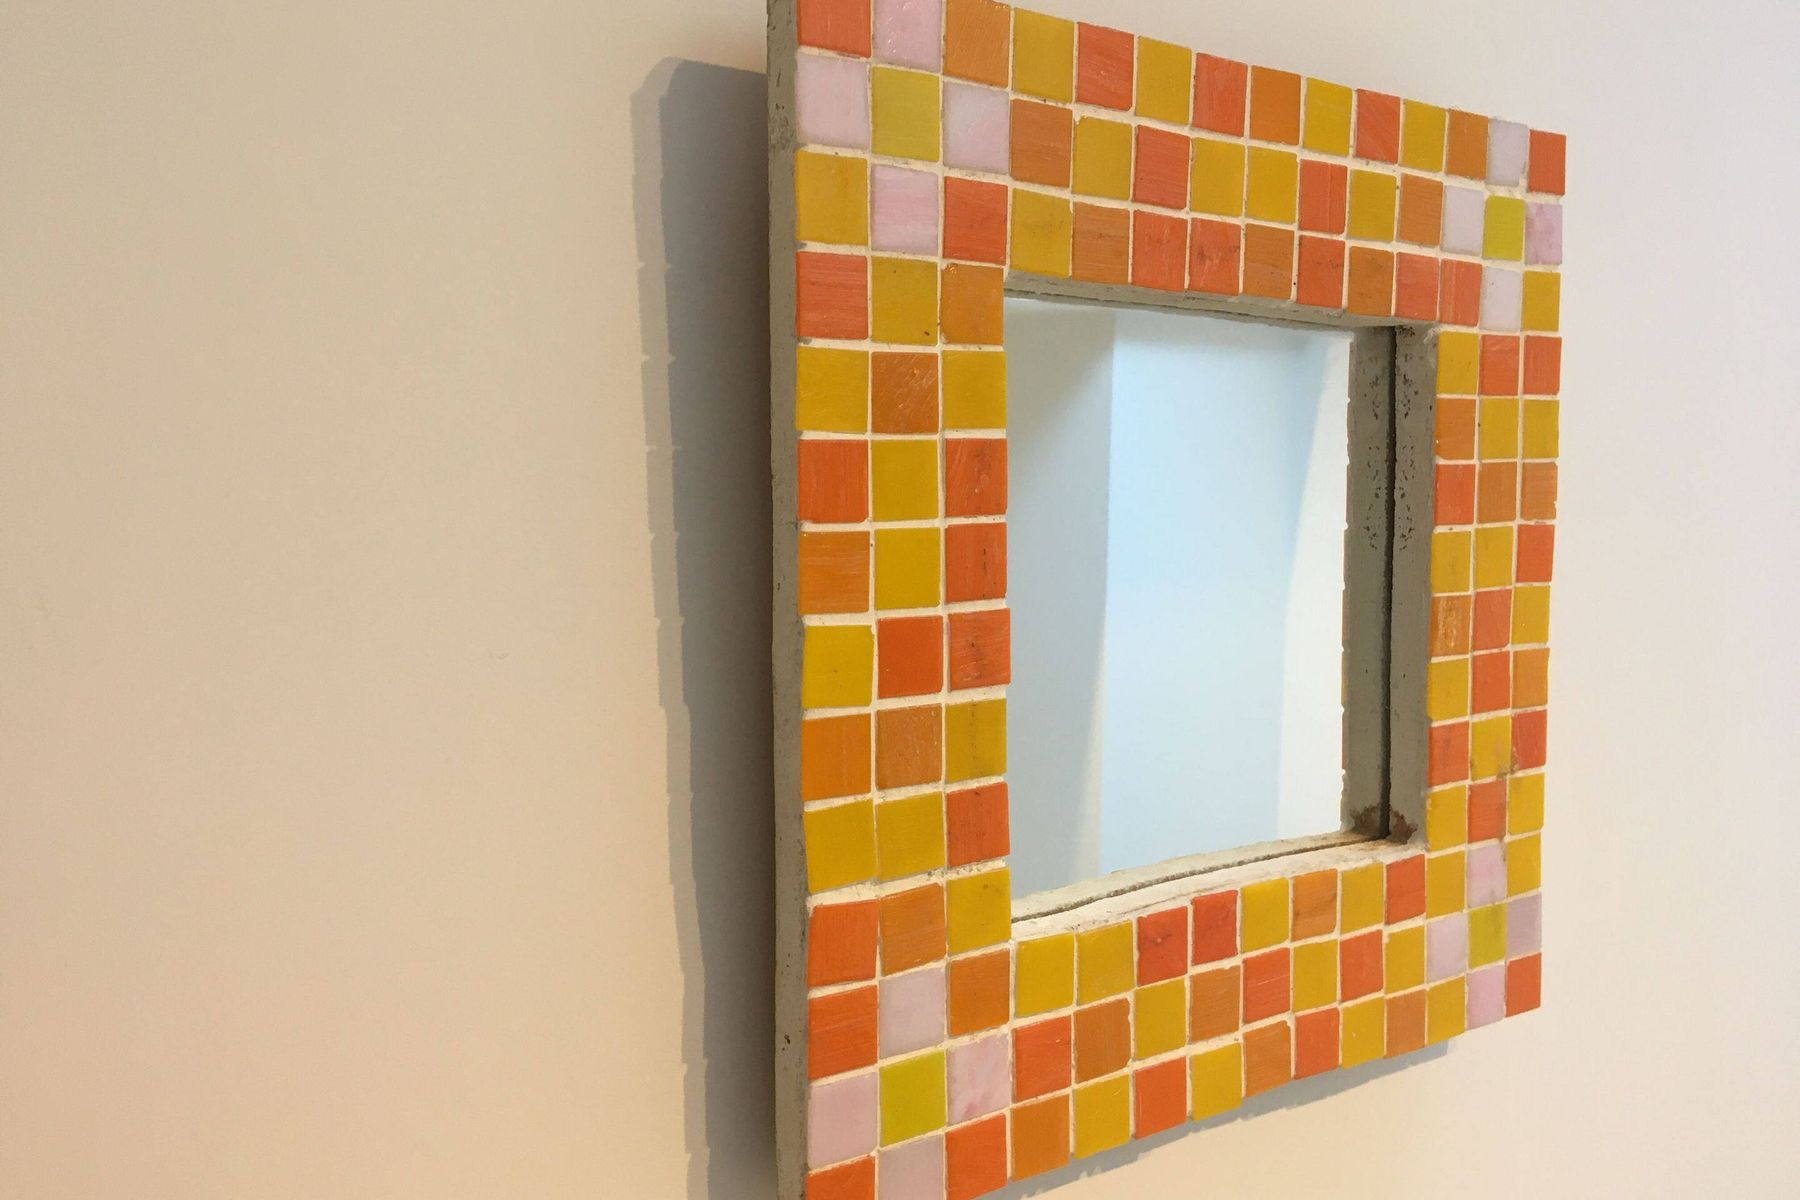 Spiegel mit gelben und orangefarbenen Mosaikrahmen an der Wand hängen